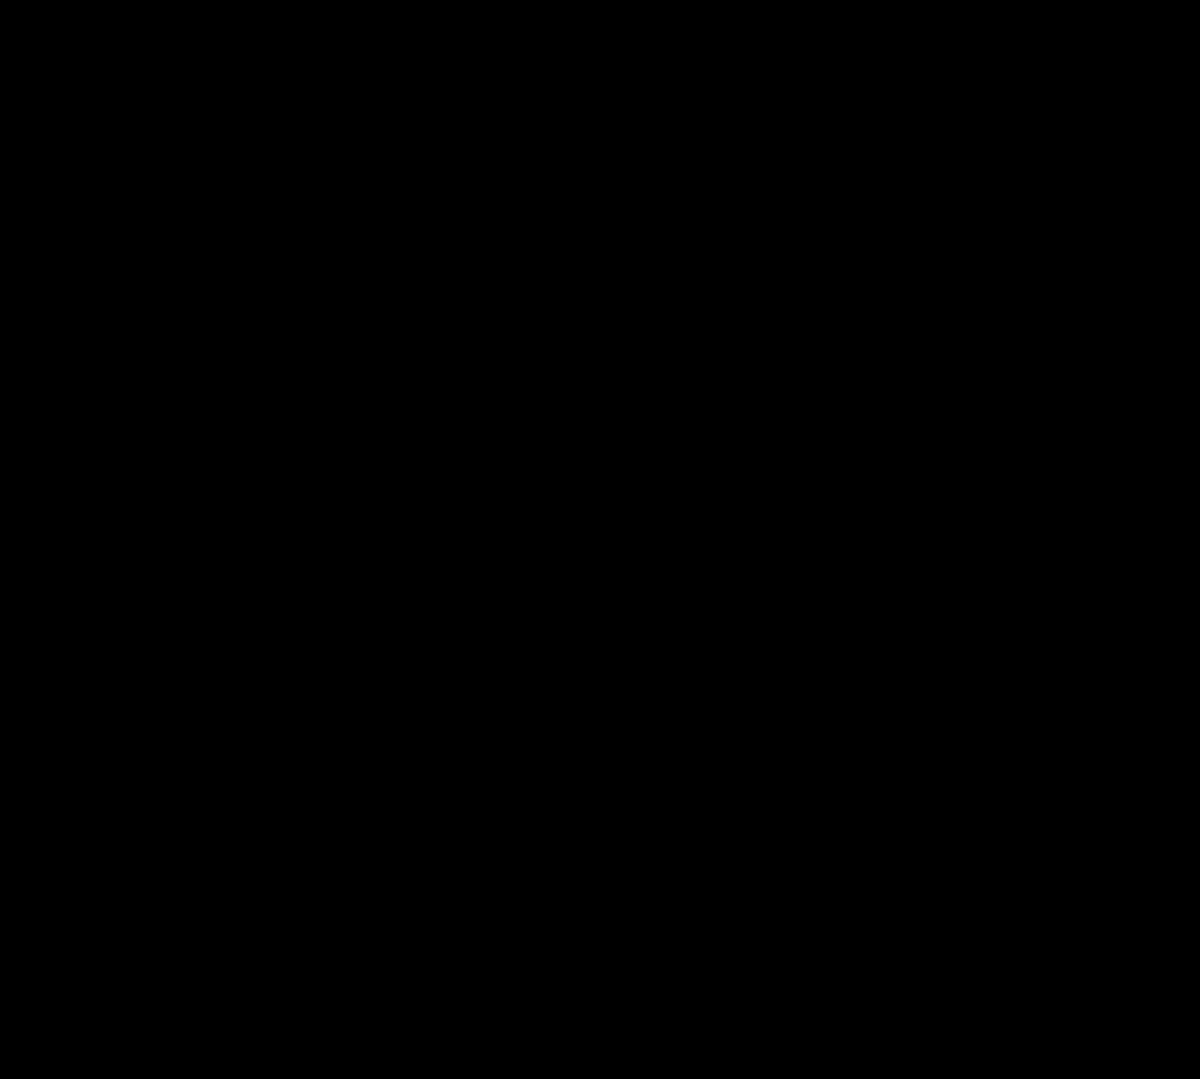 Papaverin-hidroklorid erekcióhoz, Férfi pénisz tanulmányok